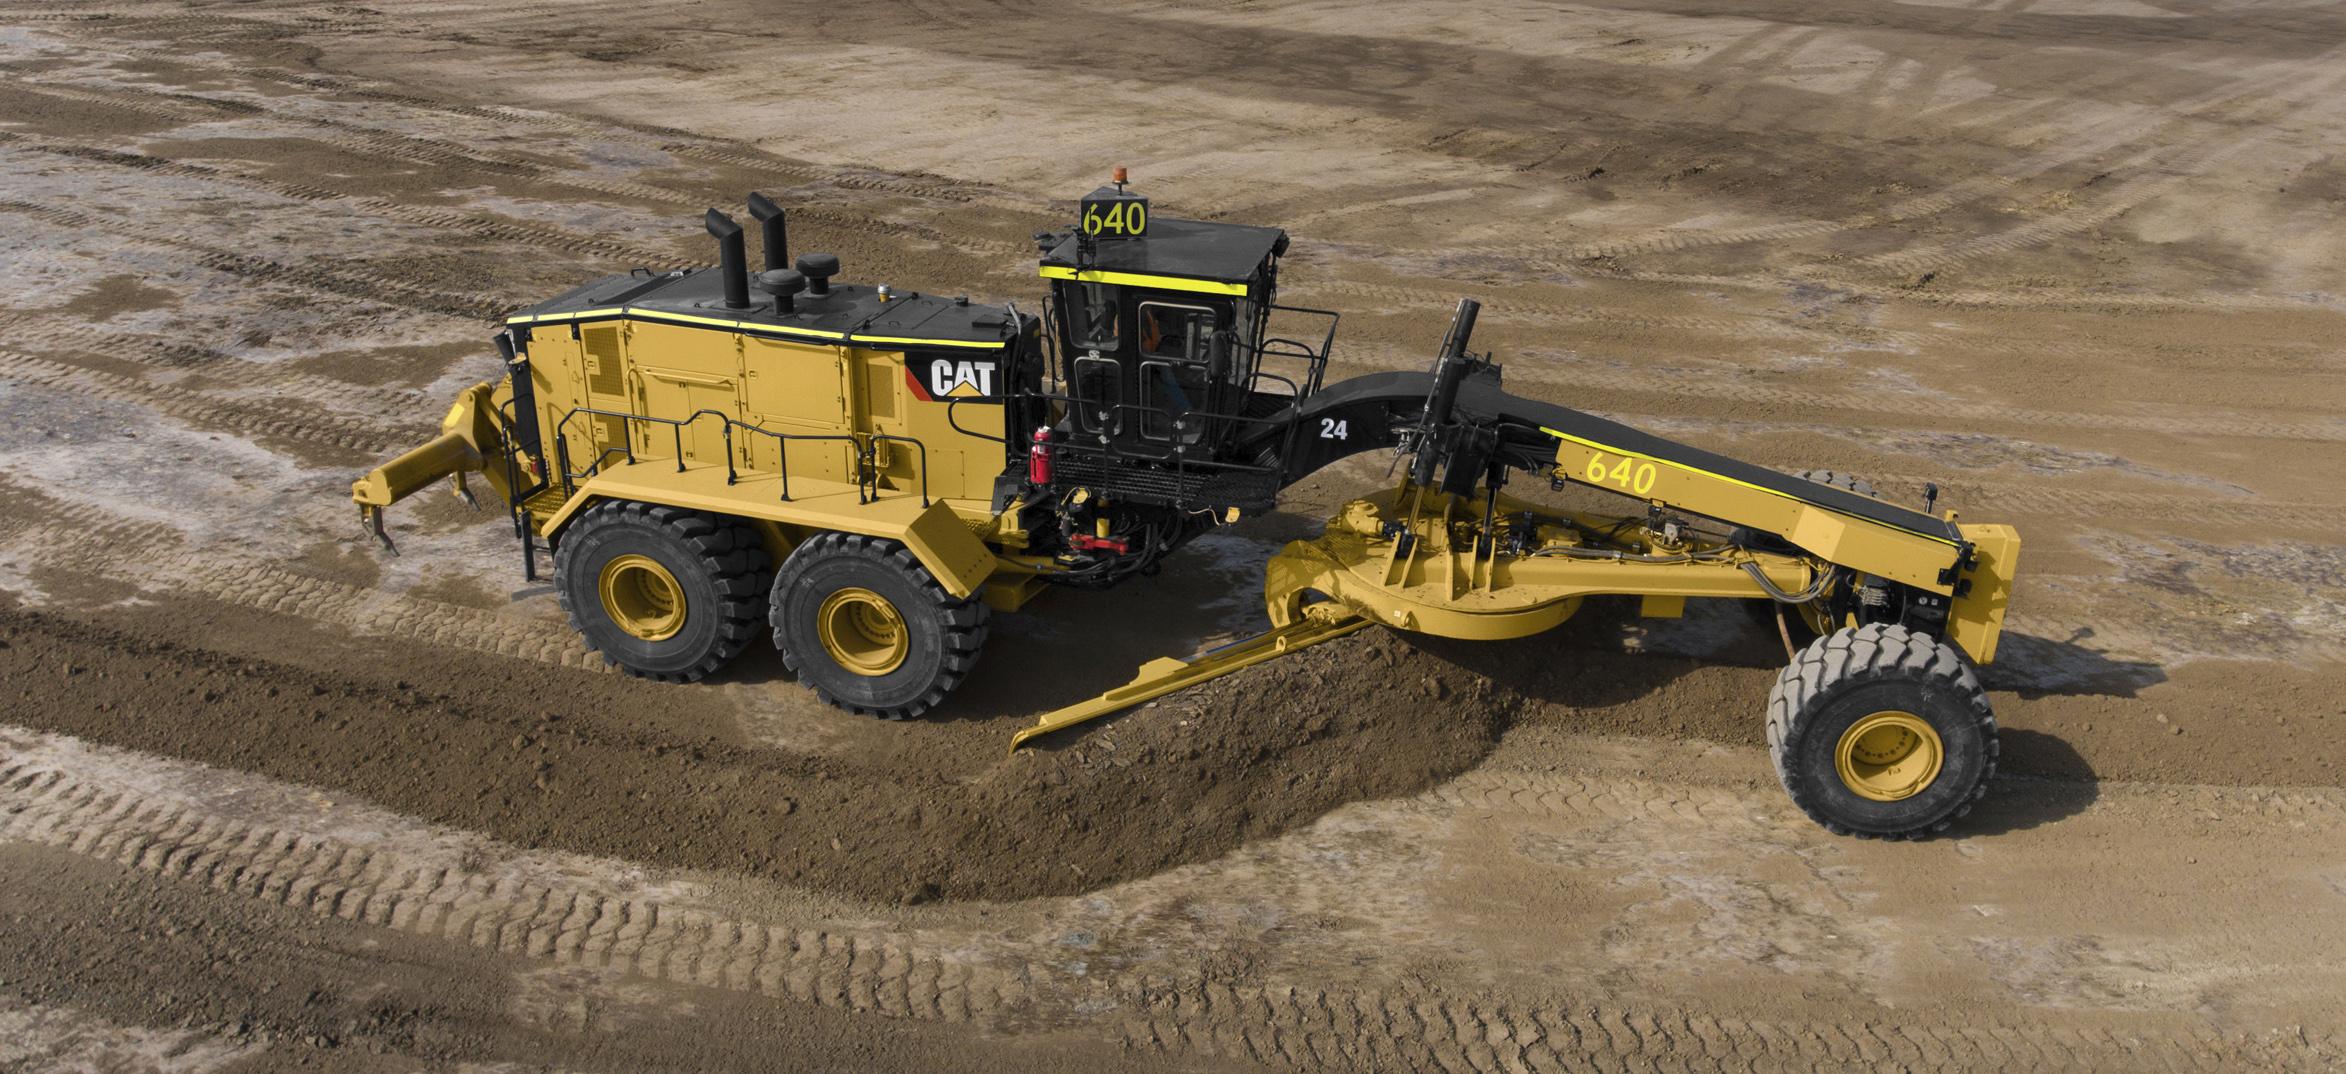 New Caterpillar 24 Motor Grader will better address road maintenance in  large mines - International Mining